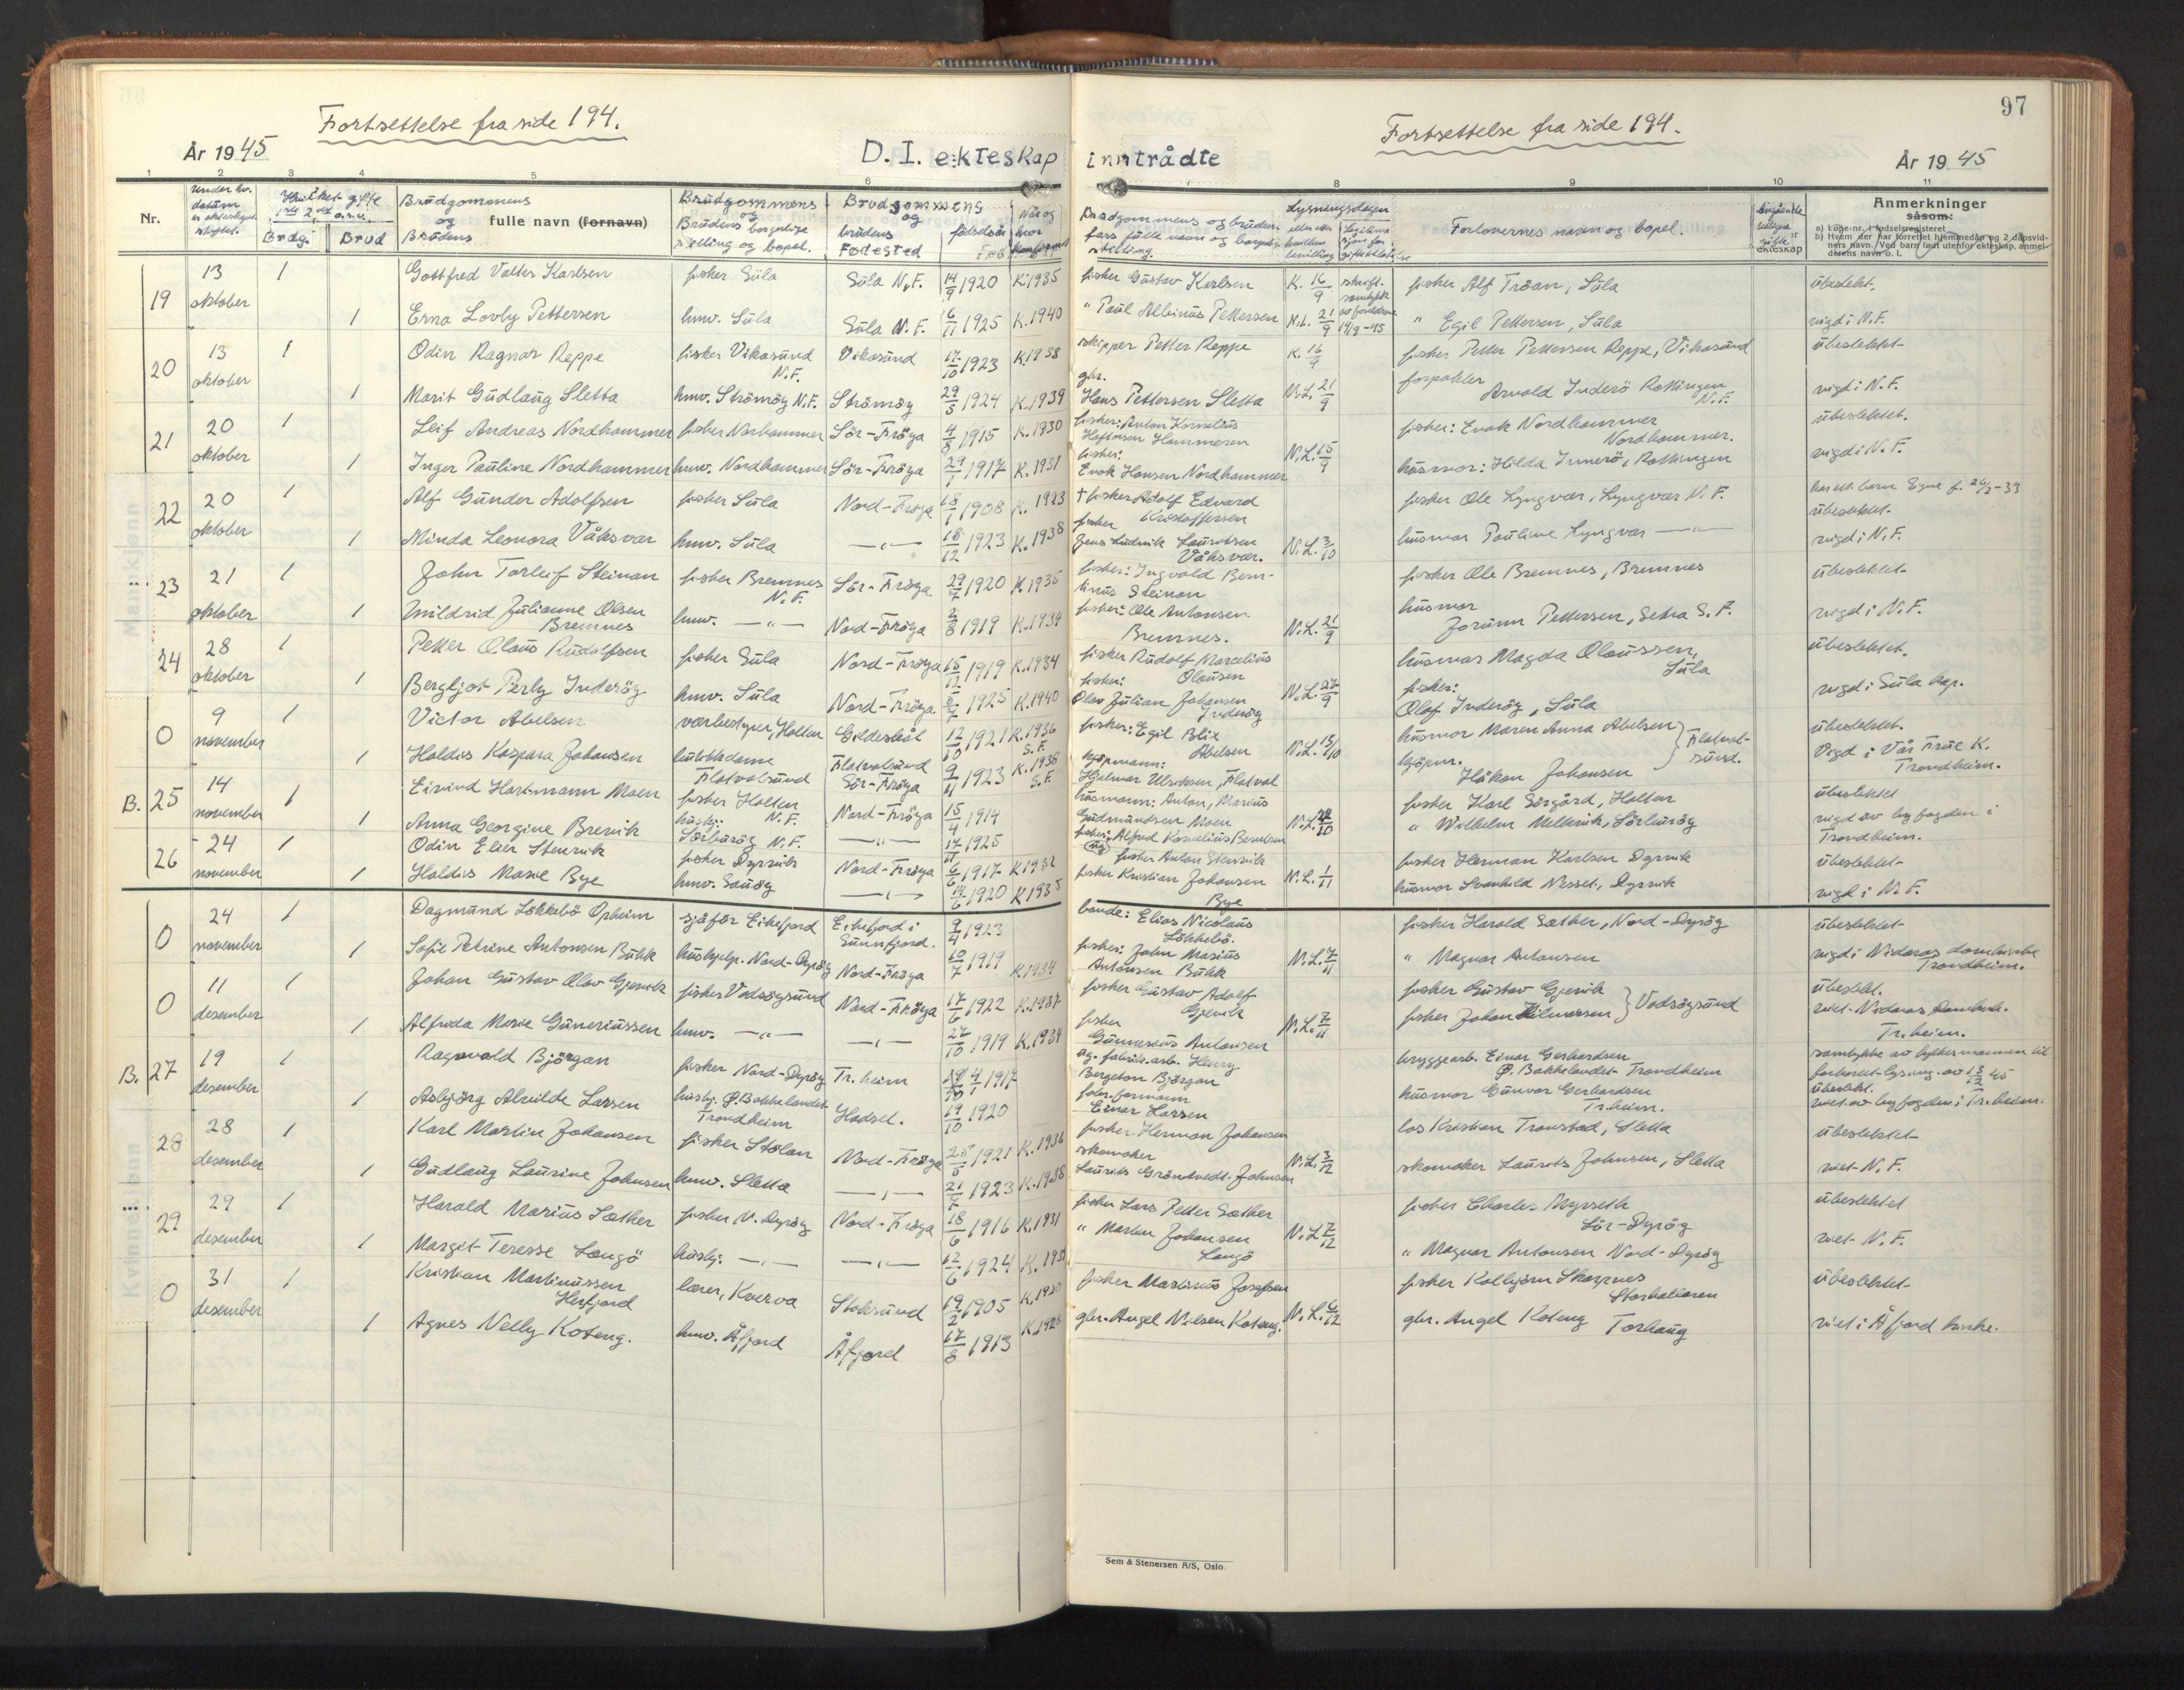 SAT, Ministerialprotokoller, klokkerbøker og fødselsregistre - Sør-Trøndelag, 640/L0590: Klokkerbok nr. 640C07, 1935-1948, s. 97